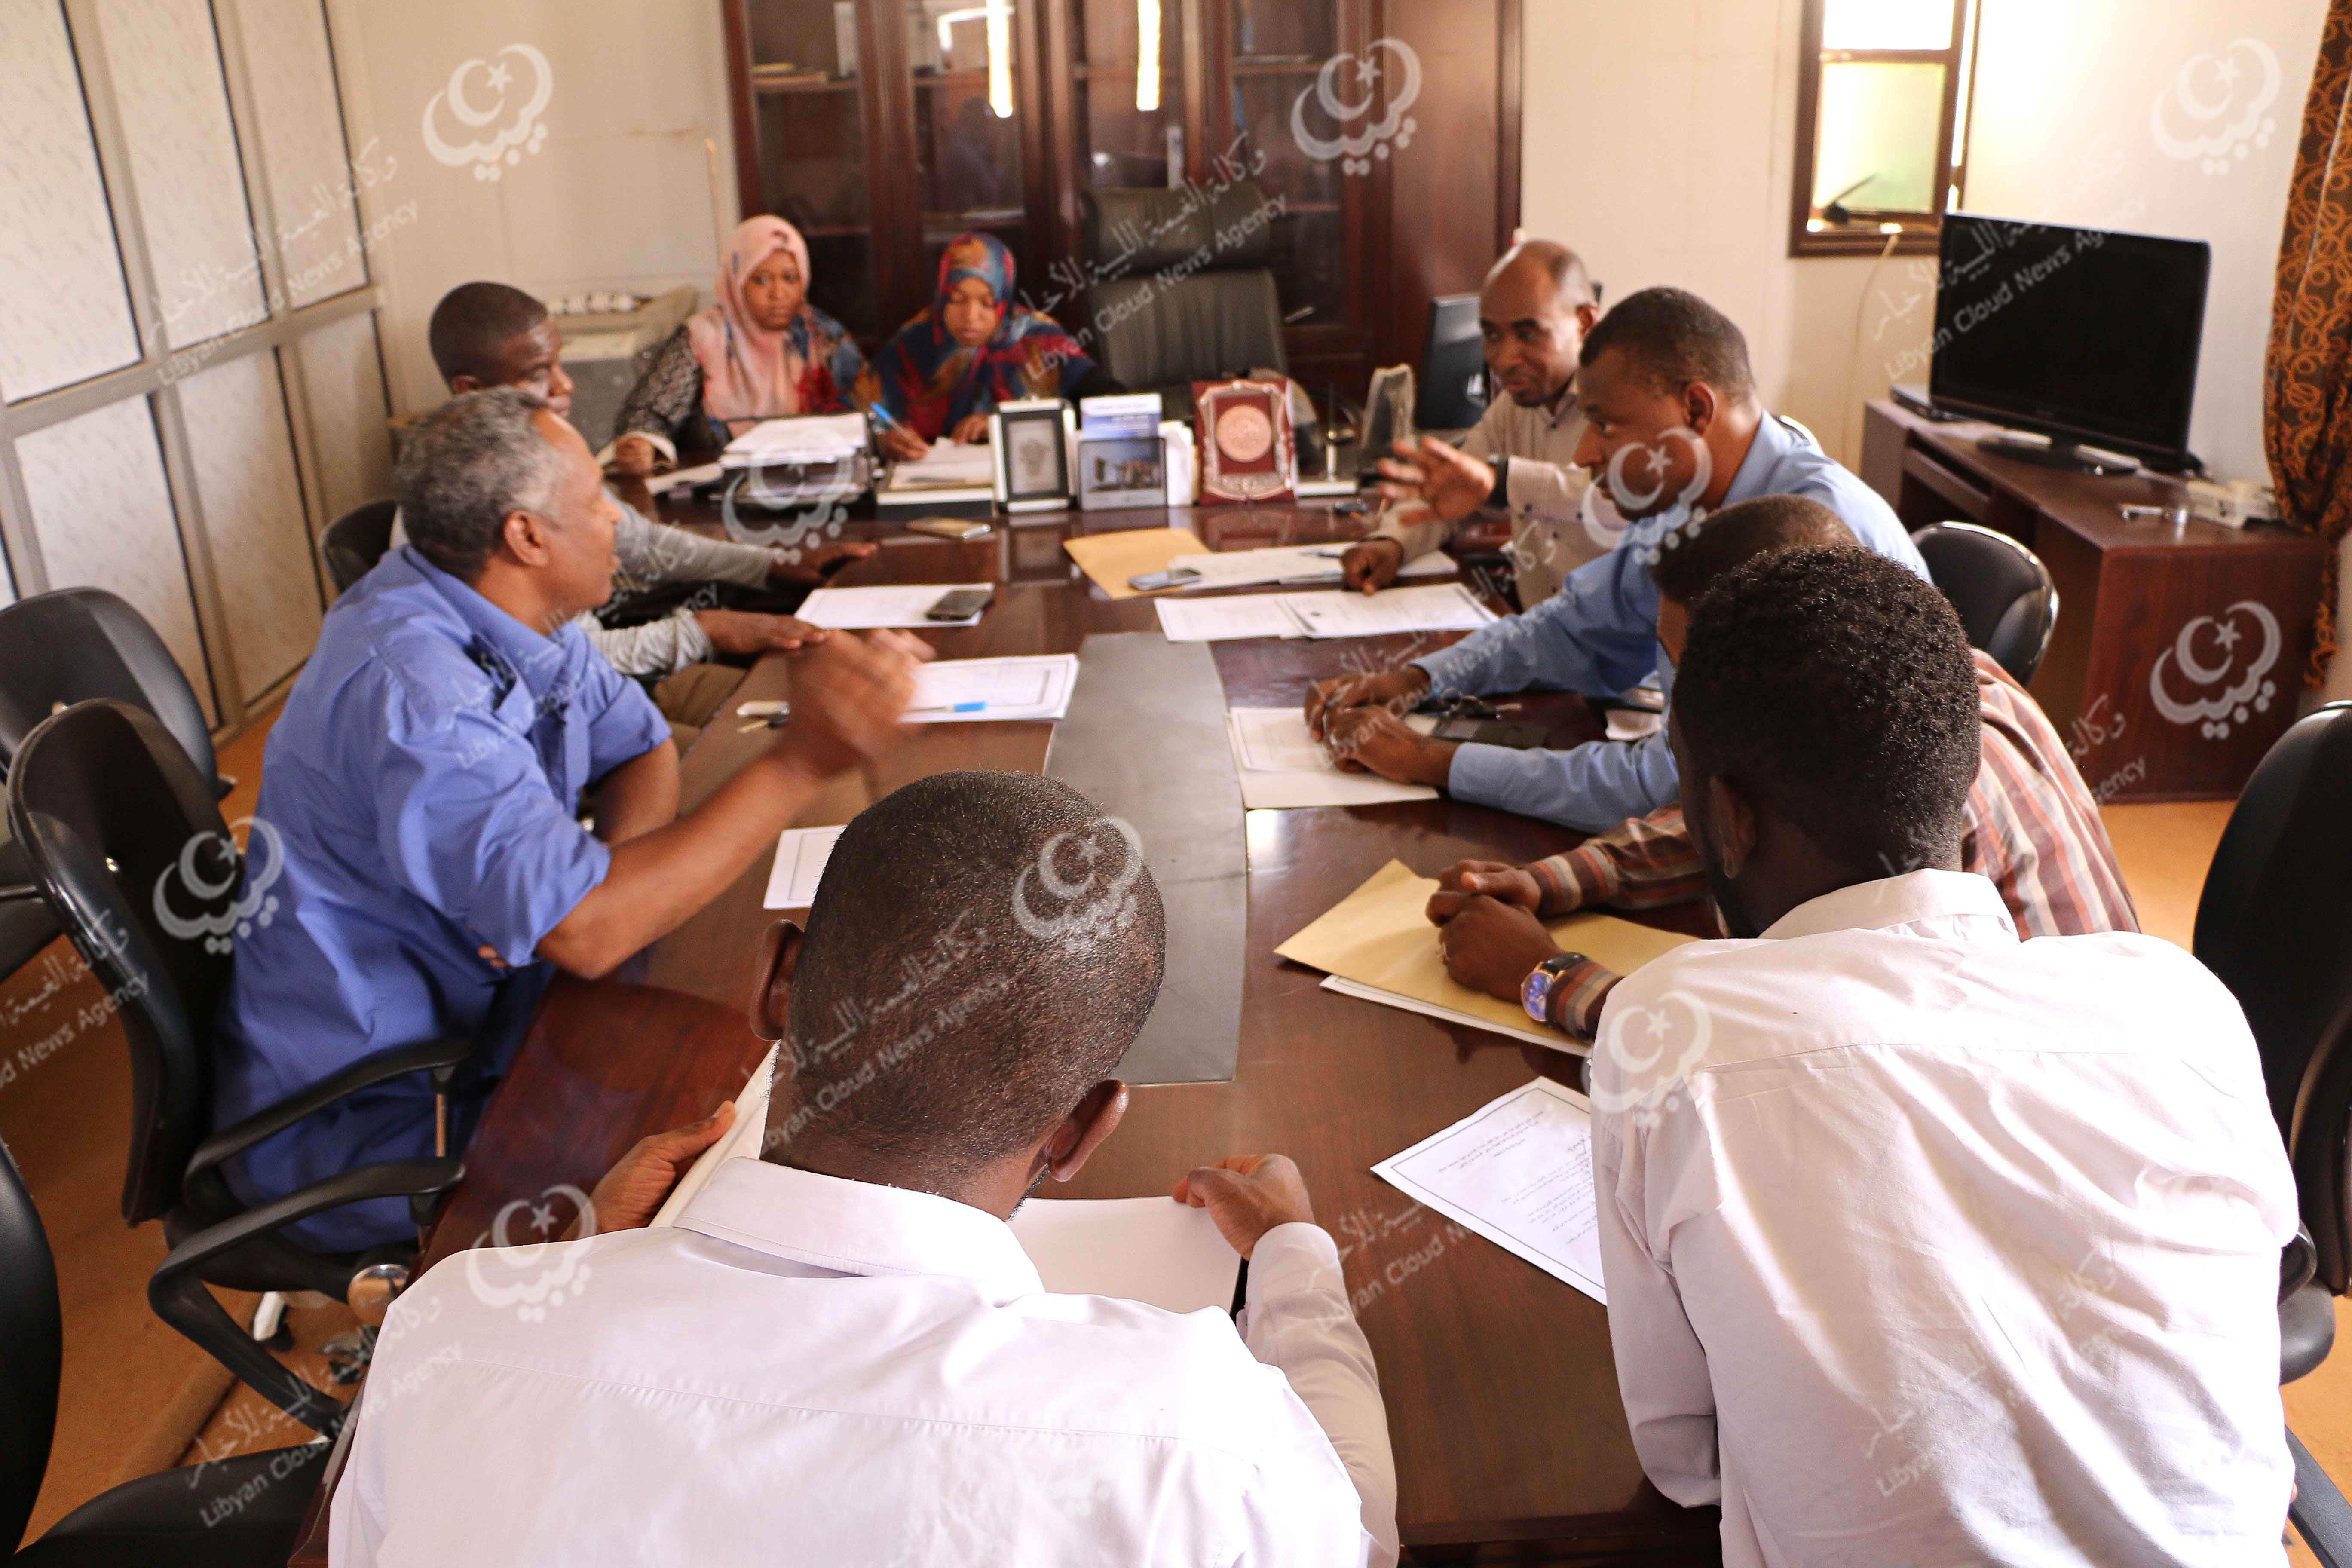 مؤسسات عن المجتمع المدني تجتمع بقطاعاتحكوميةفي غات